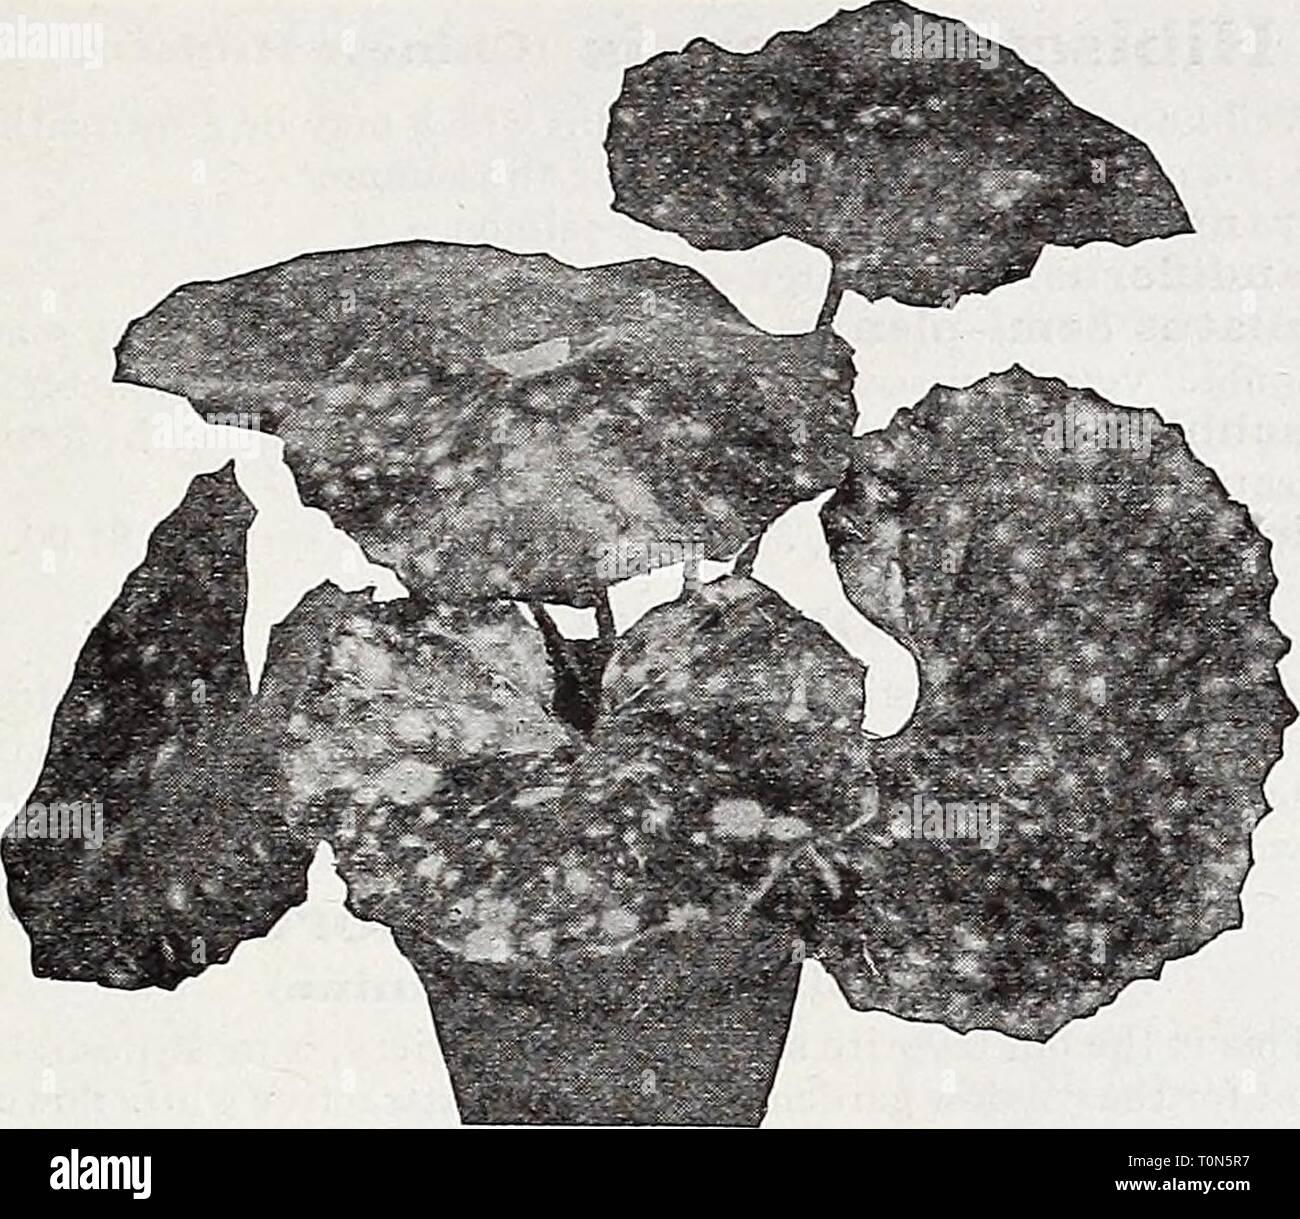 Catalogue automne 1932 l'Dreer (1932) Dreer catalogue automne 1932 l'dreersautumncata1932henr Année: 1932 GARDEN''-' les plantes de serre, HMDELPSMI ^23 Farfugium Grande Dracaenas décoratif fragrans. Une excellente plante d'intérieur, avec une large feuillage vert foncé, se développe dans des conditions ad- verse. Les plantes en pot de 3 pouces, 35 cts. chacun; 4 pots, 60 cts. chacun; 5 pots, 1 $ chacune. Godseffiana. Différent de tous les autres Drac- aenas; d'habitude formant avec branches com- pact, gracieux spécimens. Son feuillage est de texture solide; riche, couleur vert foncé avec des taches de forte densité marquée blanc crème. Banque D'Images